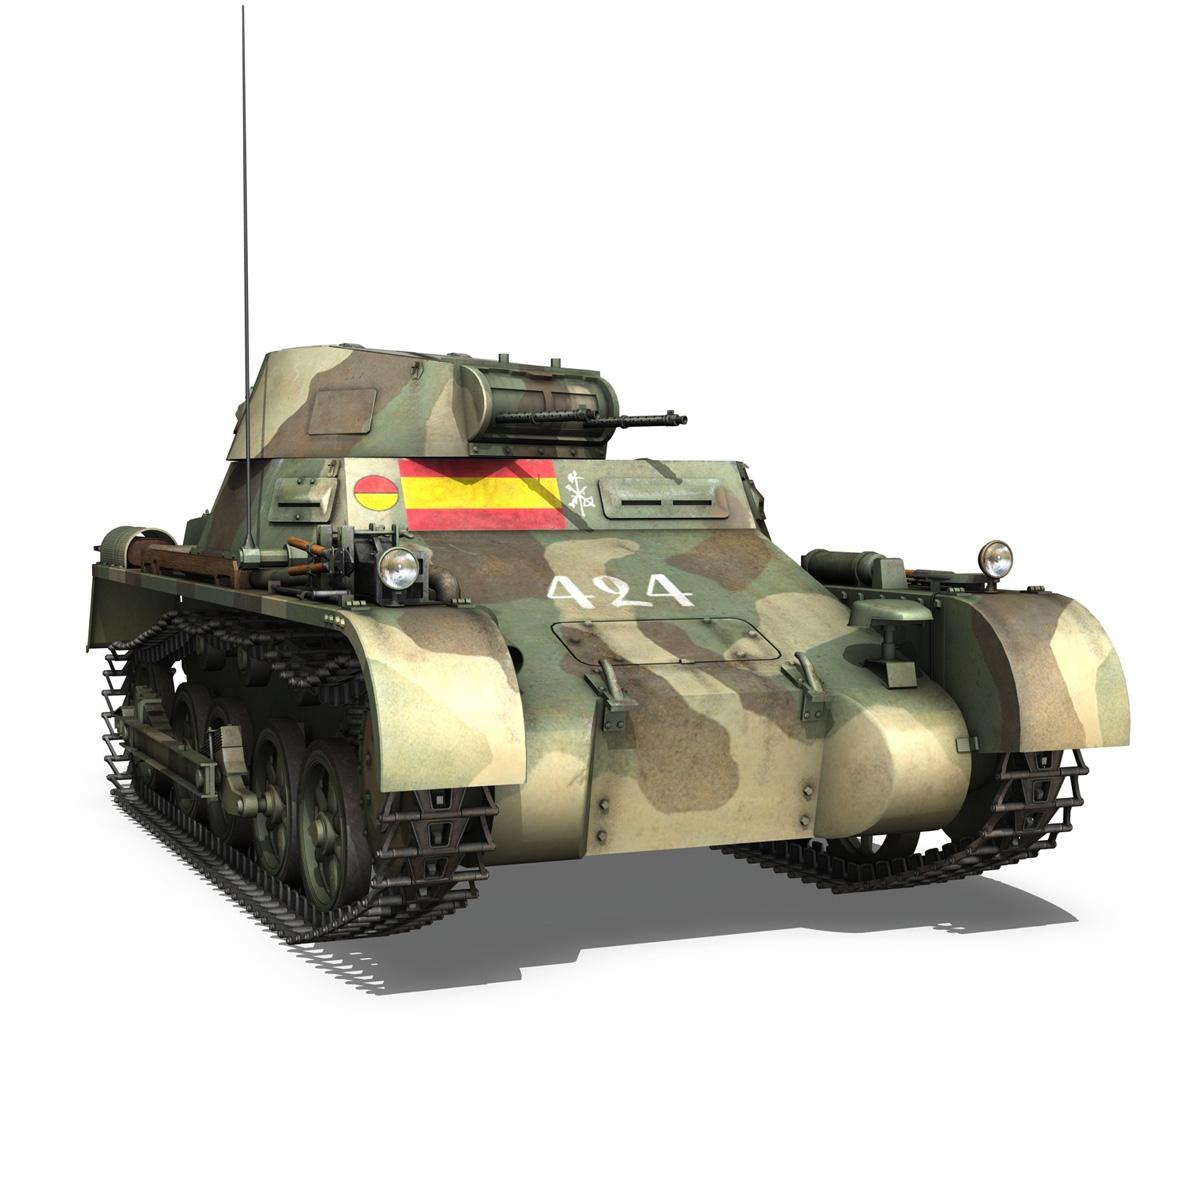 pzkpfw 1 – panzer 1 – ausf. a – 424 3d model 3ds fbx lwo lw lws obj c4d 266653